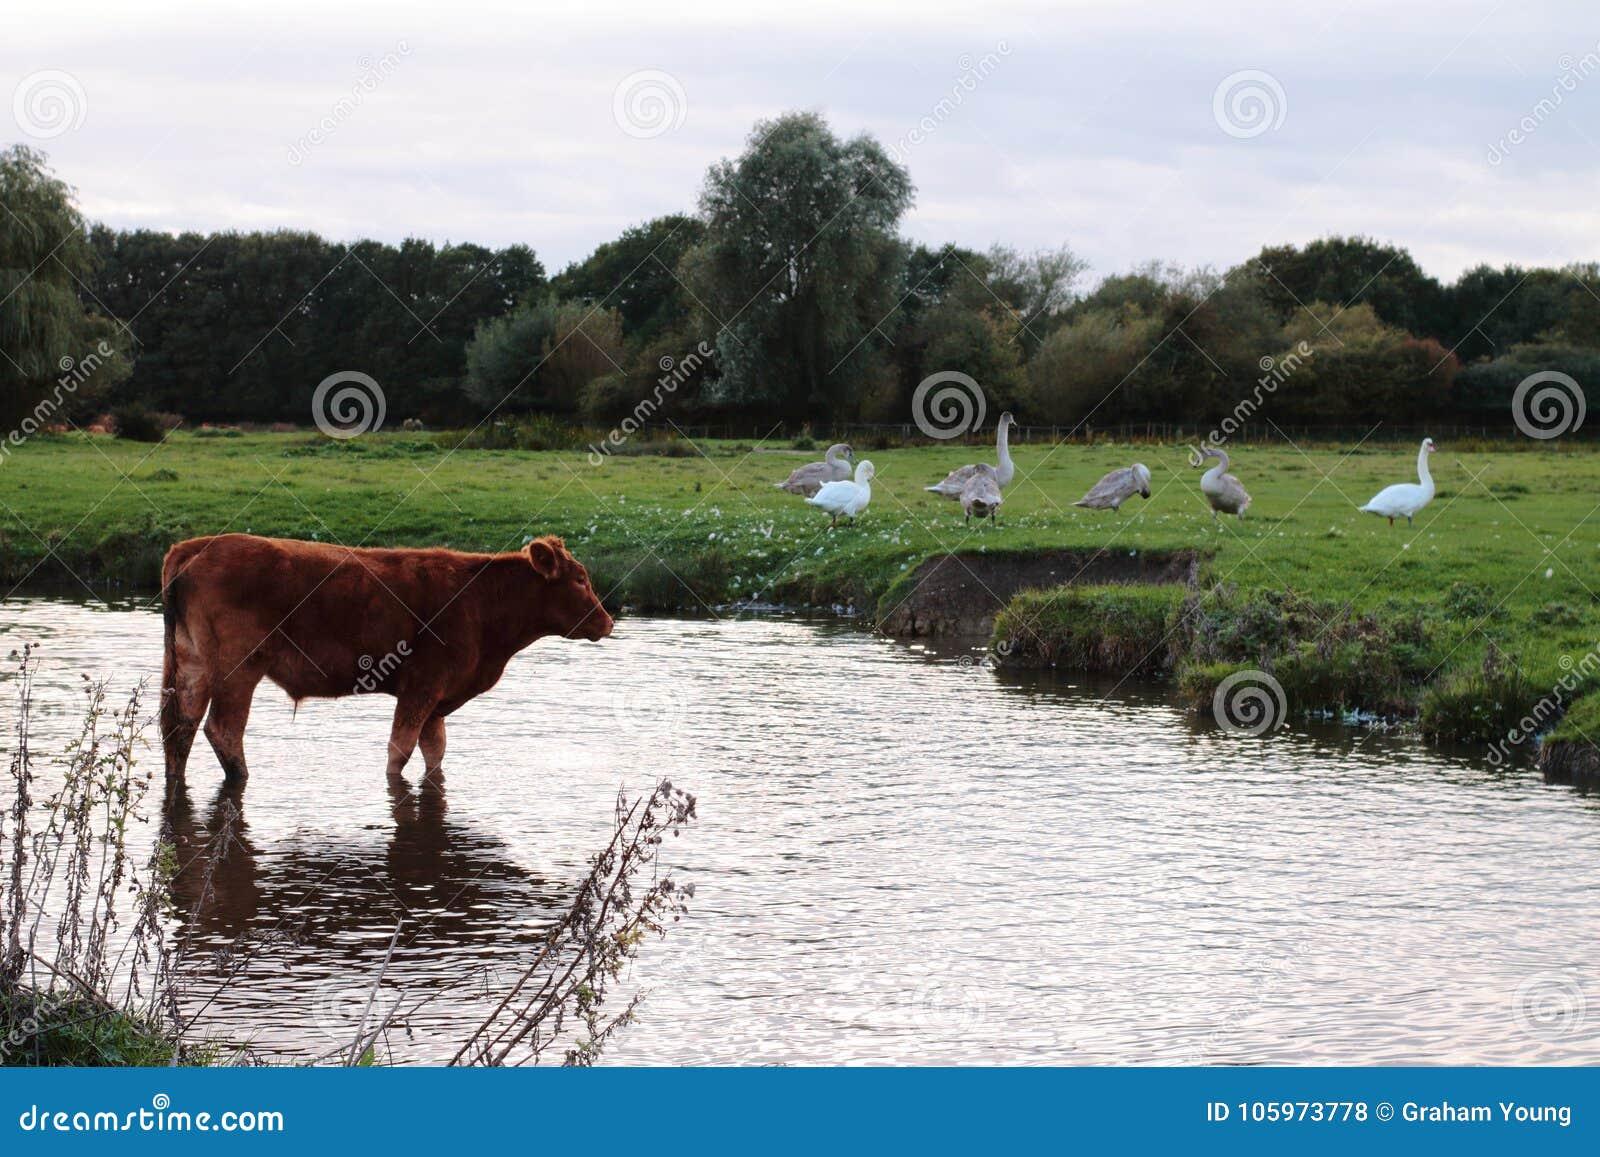 Kühe in der Wiese, die im Wasser badet